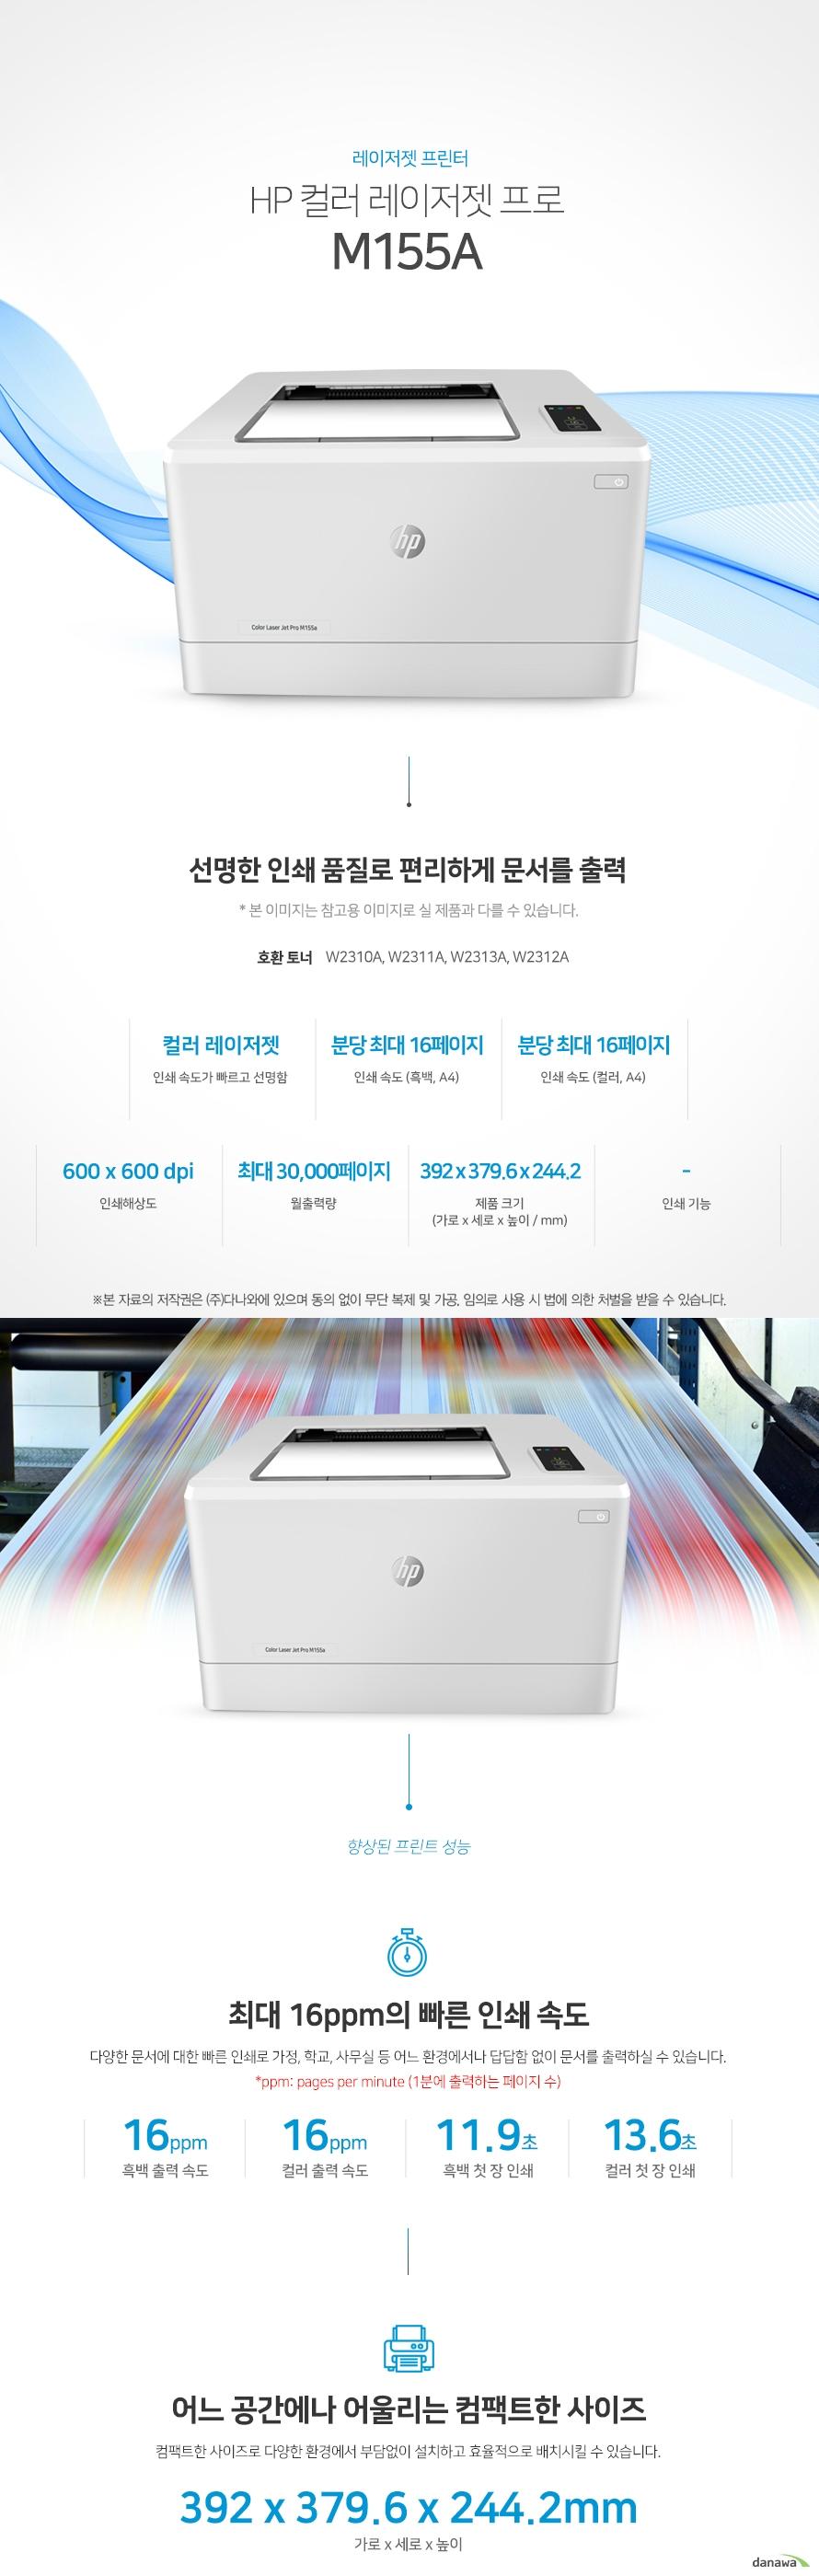 레이저젯 프린터 HP 컬러 레이저젯 프로 M155a (기본토너) 선명한 인쇄 품질로 편리하게 문서를 출력 호환 토너 W2310A, W2311A, W2313A, W2312A 컬러 레이저젯 인쇄 속도가 빠르고 선명함 / 인쇄 속도 (흑백, A4) 분당 최대 16페이지 / 인쇄 속도 (컬러, A4) 분당 최대 16페이지 / 인쇄해상도 600 x 600 dpi / 월출력량 최대 30,000페이지 / 제품 크기 (mm) 가로 392 x 세로 379.6 x 높이 244.2 / 인쇄기능-    최대 16ppm의 빠른 인쇄 속도 다양한 문서에 대한 빠른 인쇄로 가정, 학교, 사무실 등 어느 환경에서나 답답함 없이 문서를 출력하실 수 있습니다.  *ppm: pages per minute (1분에 출력하는 페이지 수) 흑백 출력 속도 16oom / 컬러 출력 속도 16ppm / 흑백 첫 장 인쇄 11.9초 / 컬러 첫 장 인쇄 13.6초  어느 공간에나 어울리는 컴팩트한 사이즈 컴팩트한 사이즈로 다양한 환경에서 부담없이 설치하고 효율적으로 배치시킬 수 있습니다.  (mm) 가로 392 x 세로 379.6 x 높이 244.2   손쉬운 USB연결 PC를 거치지 않고도 USB Port에서 파일을 바로 출력하거나, 스캔시 USB 메모리로 바로 저장하여 손쉽게 이용할 수 있습니다.